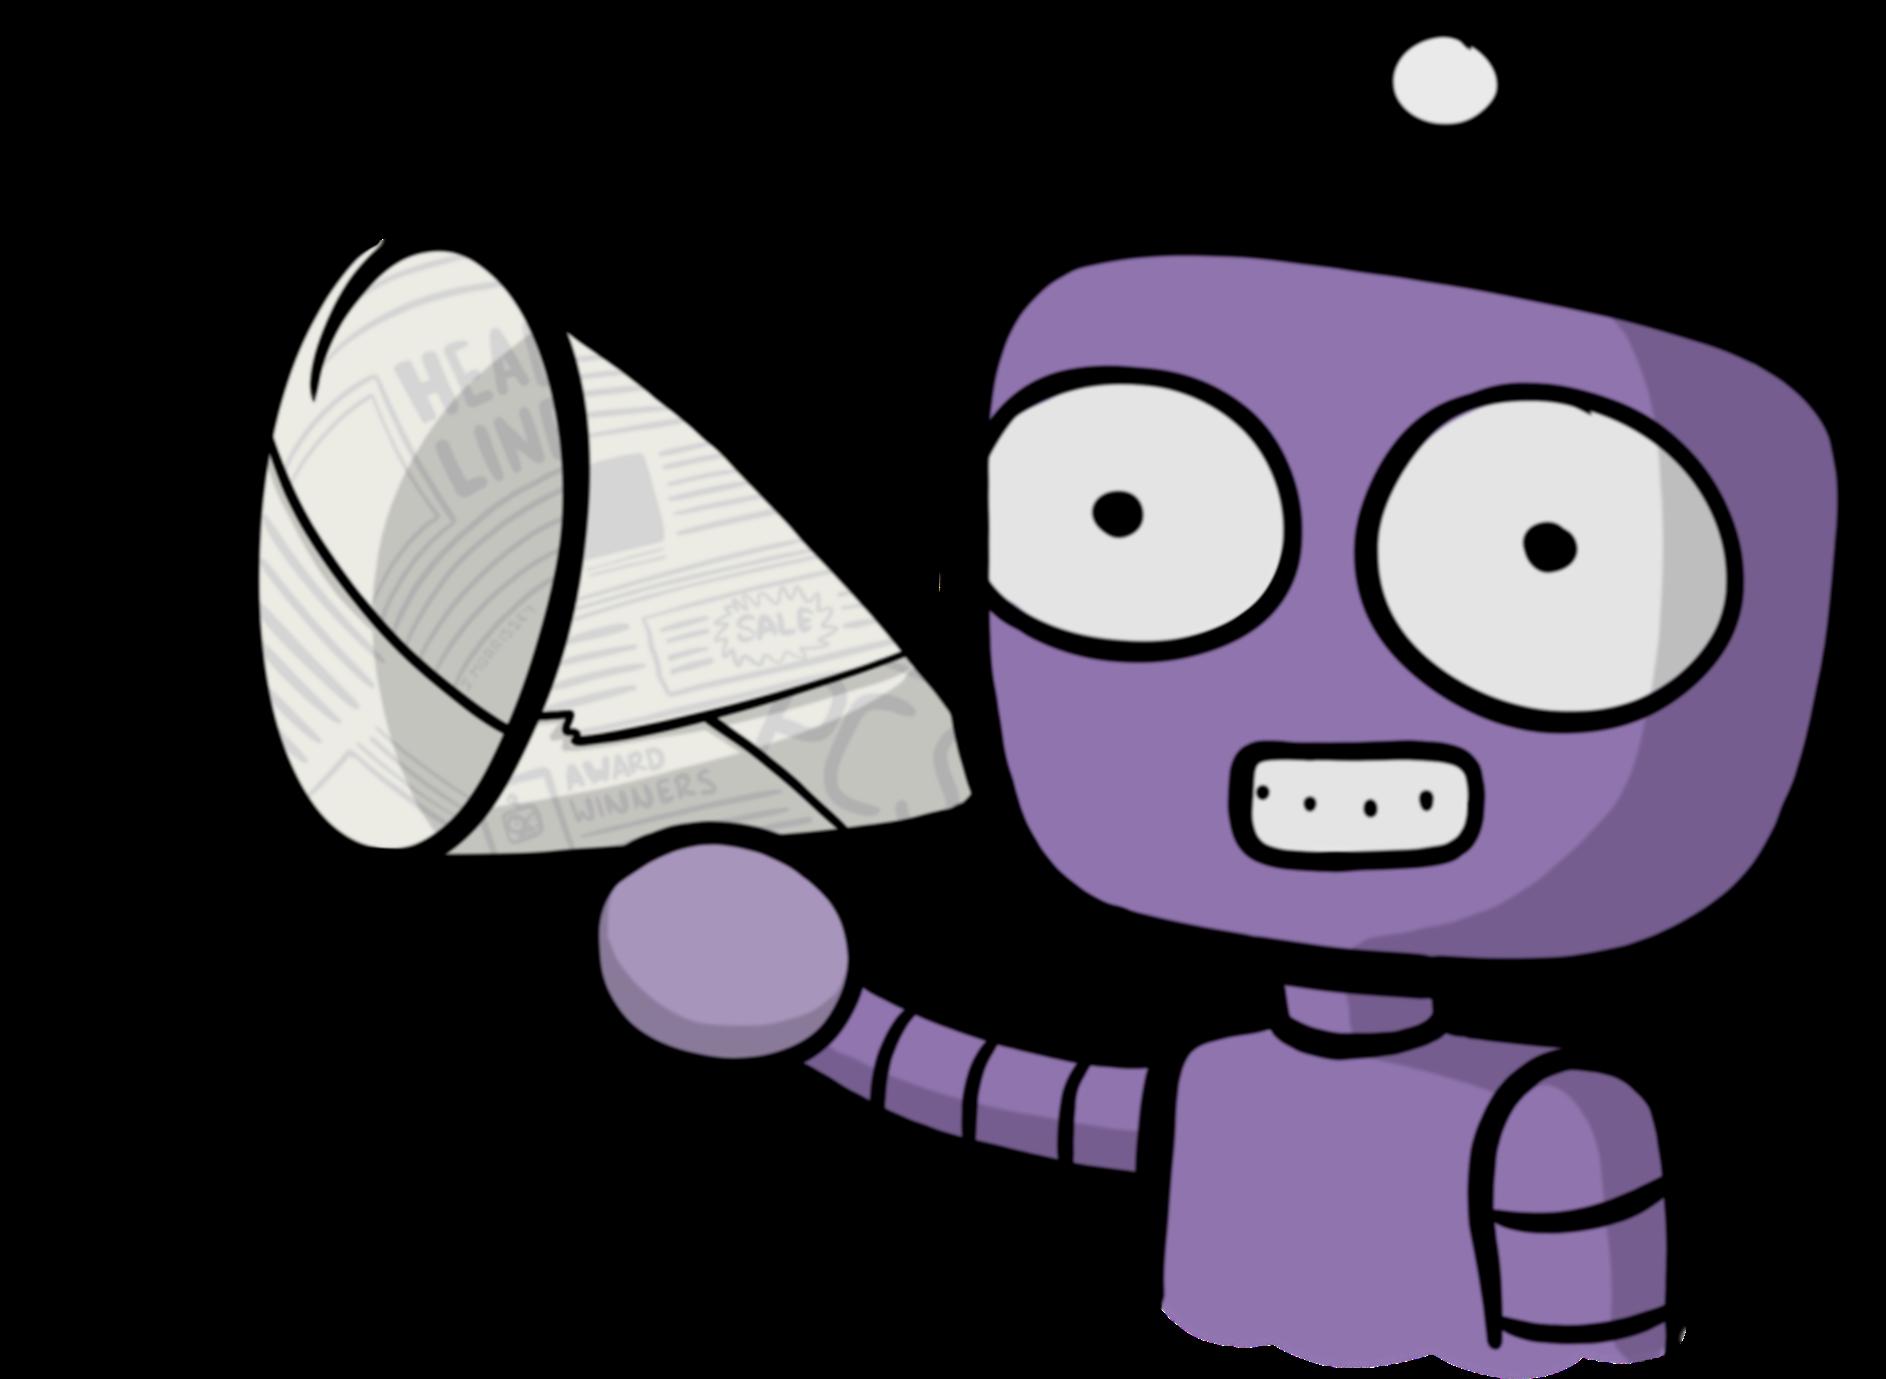 Announcement purple cartoon png. Announcements clipart annoucement